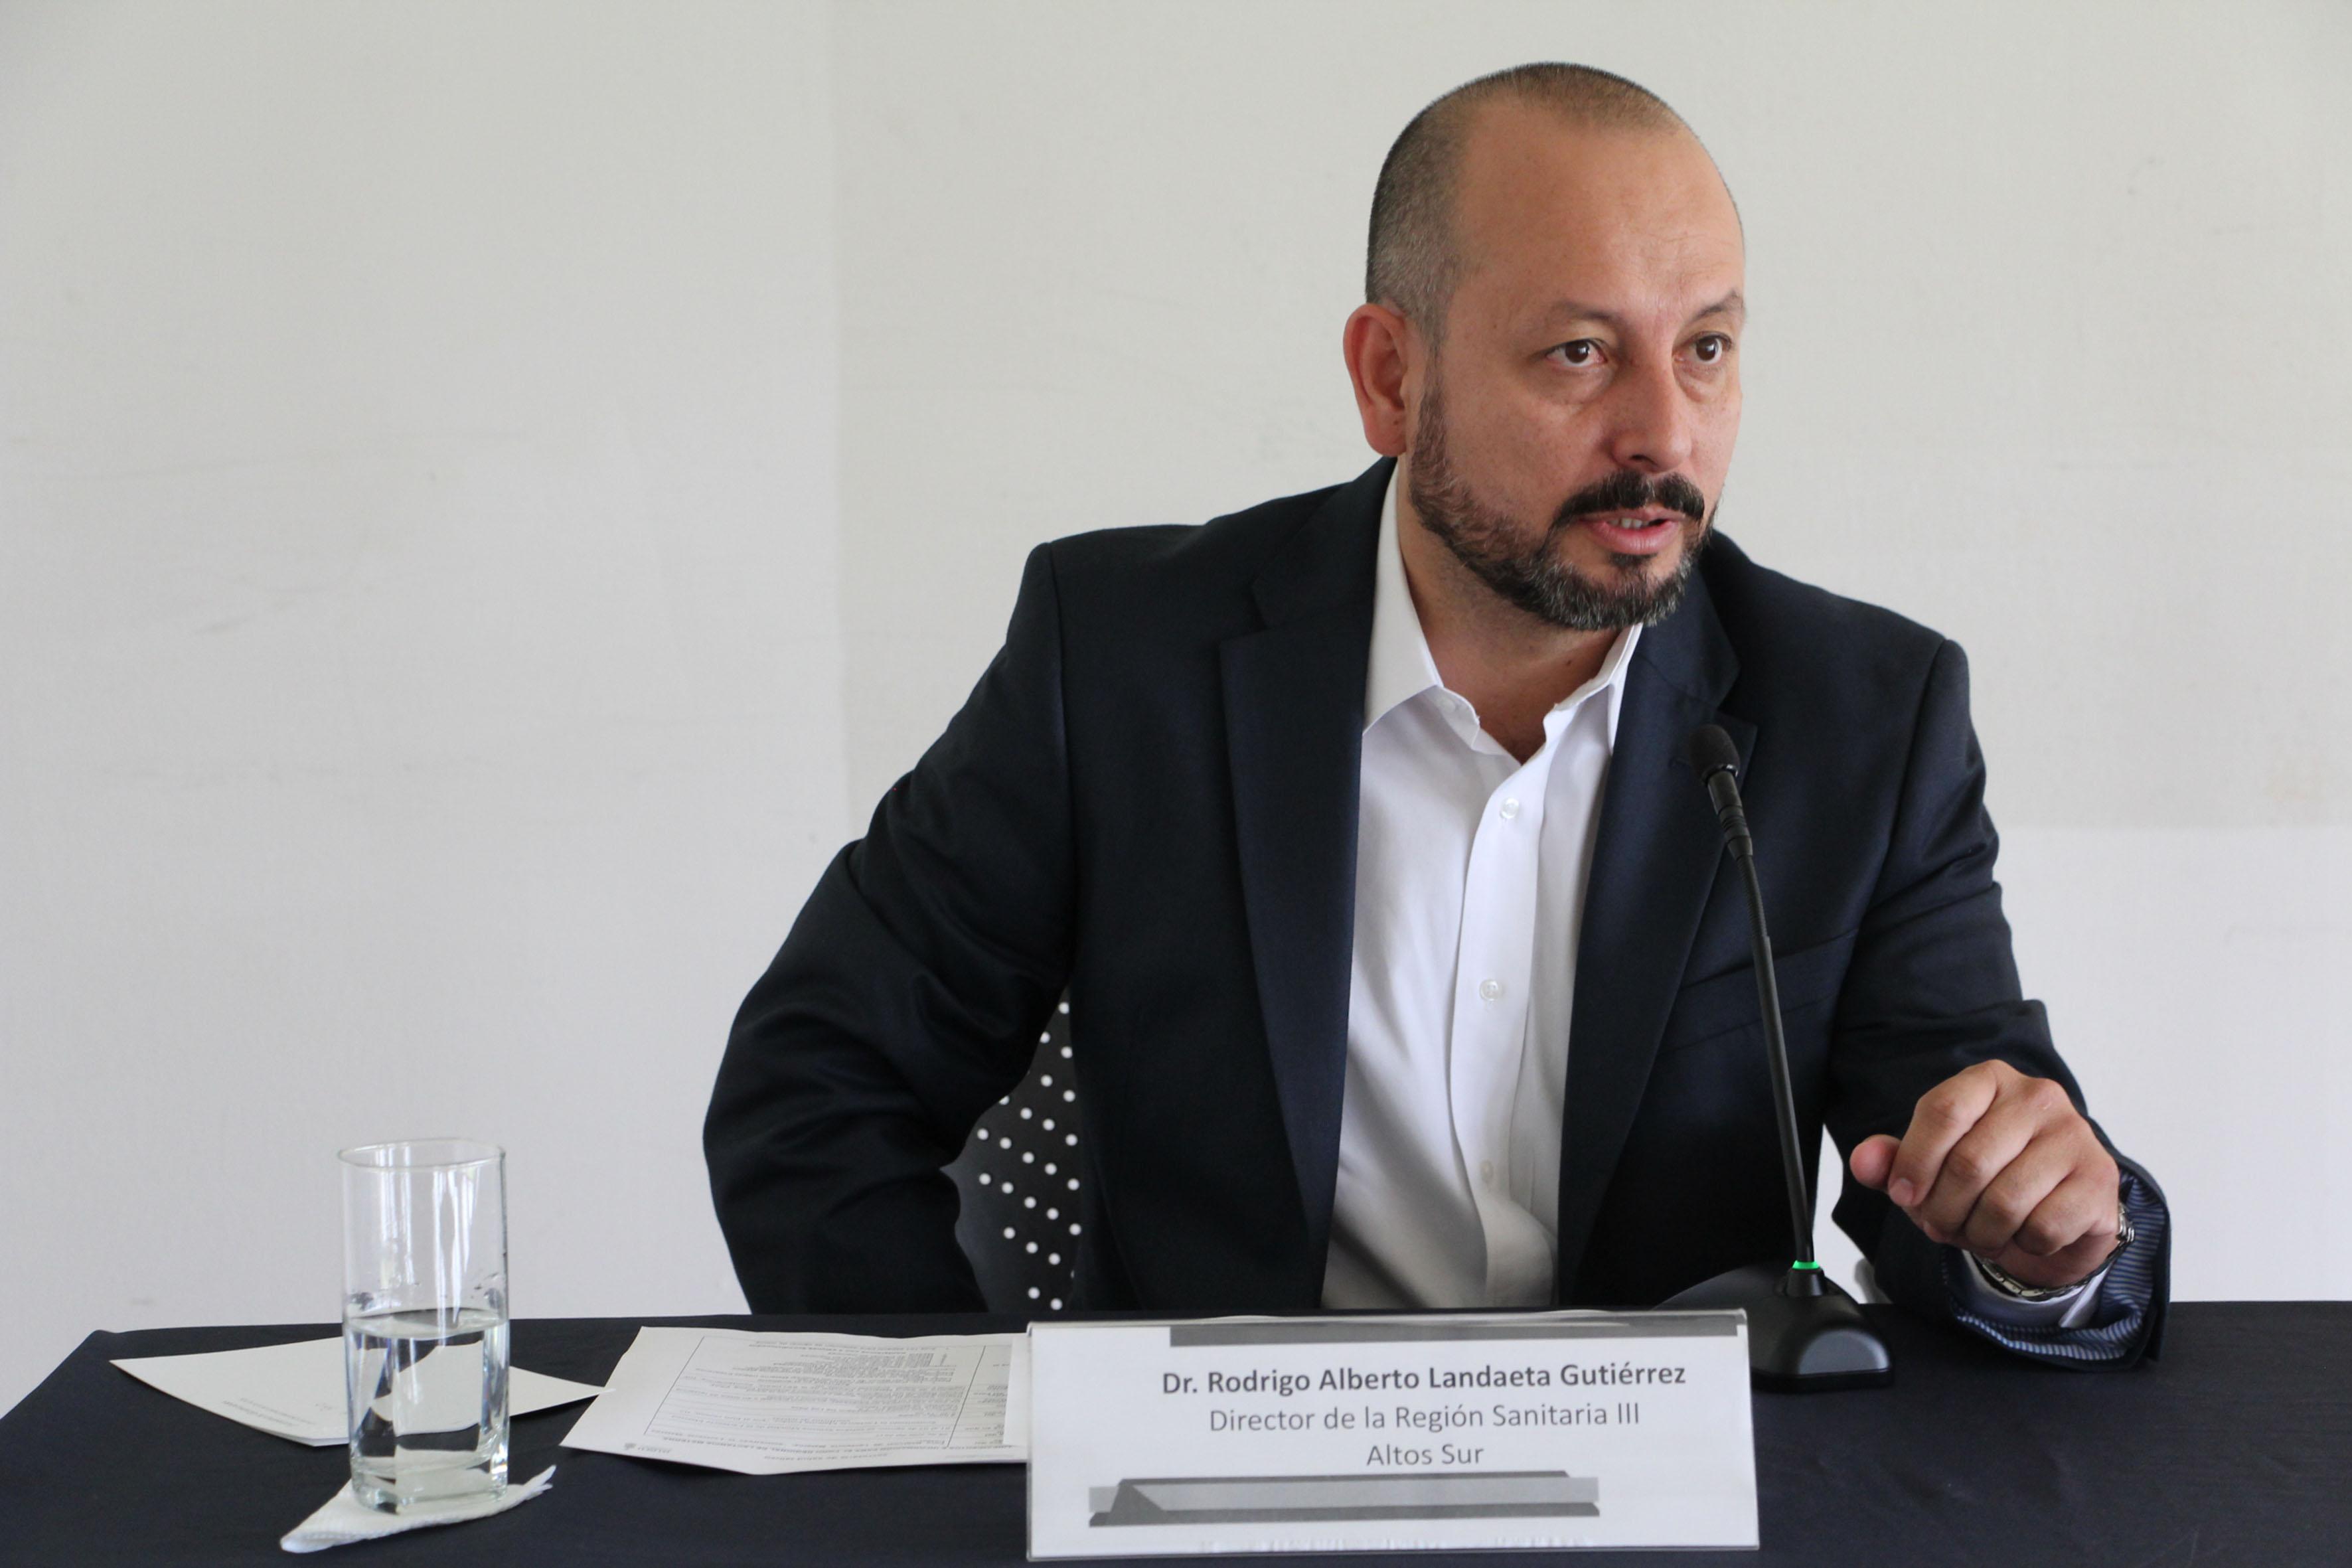 Dr. Rodrigo Alberto Landaeta Gutierrez participando en rueda de prensa haciendo uso de la palabra